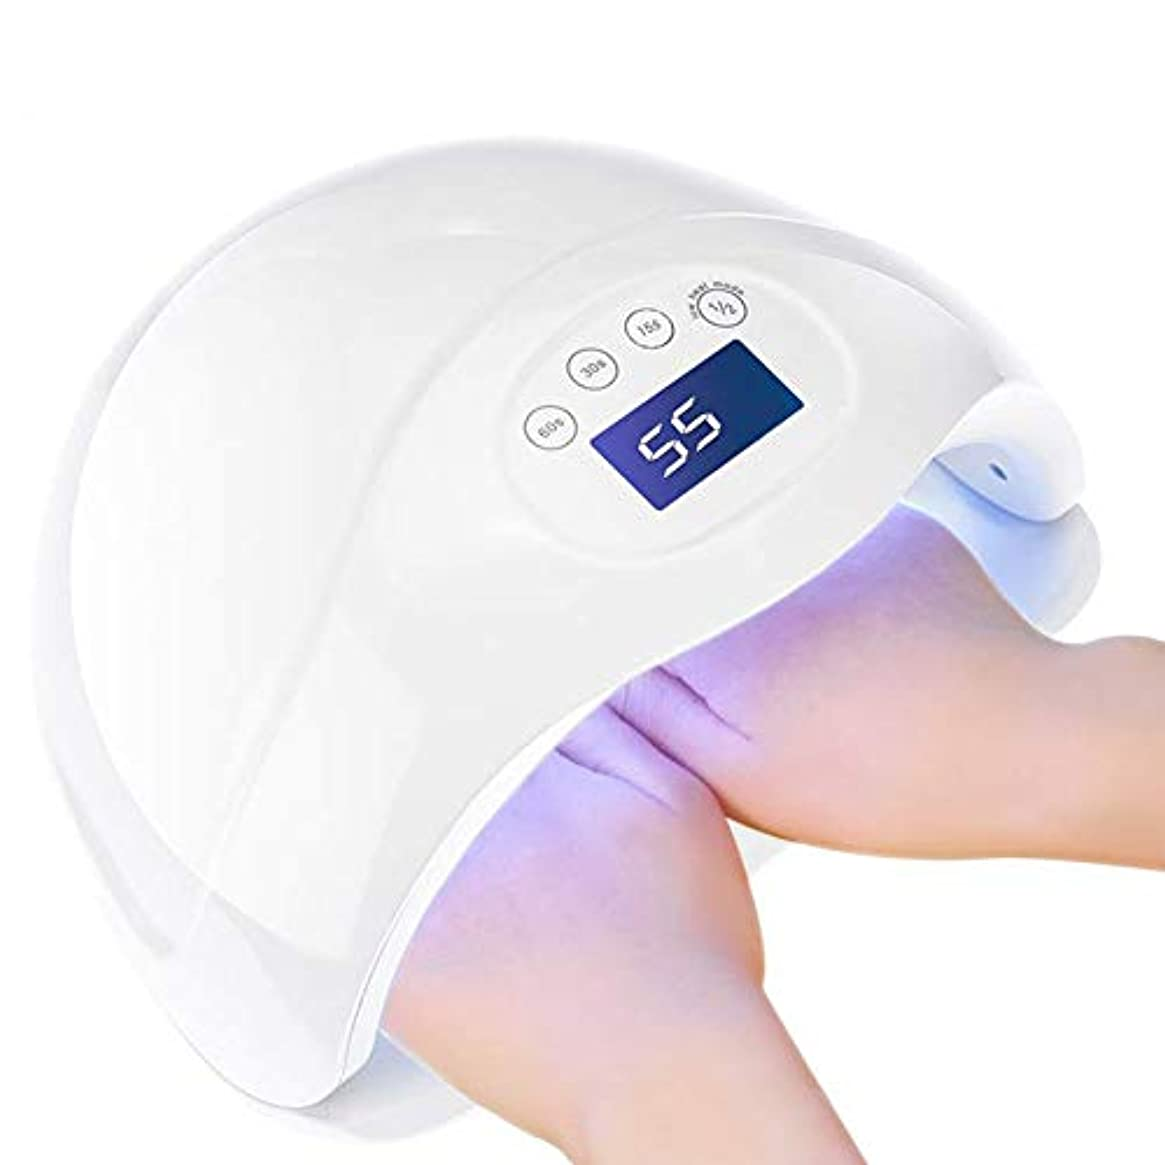 オーバーコート多様体配置ネイルドライヤ 硬化ライト 48W UV LEDライト 高速硬化 自動センサー マニキュア ジ